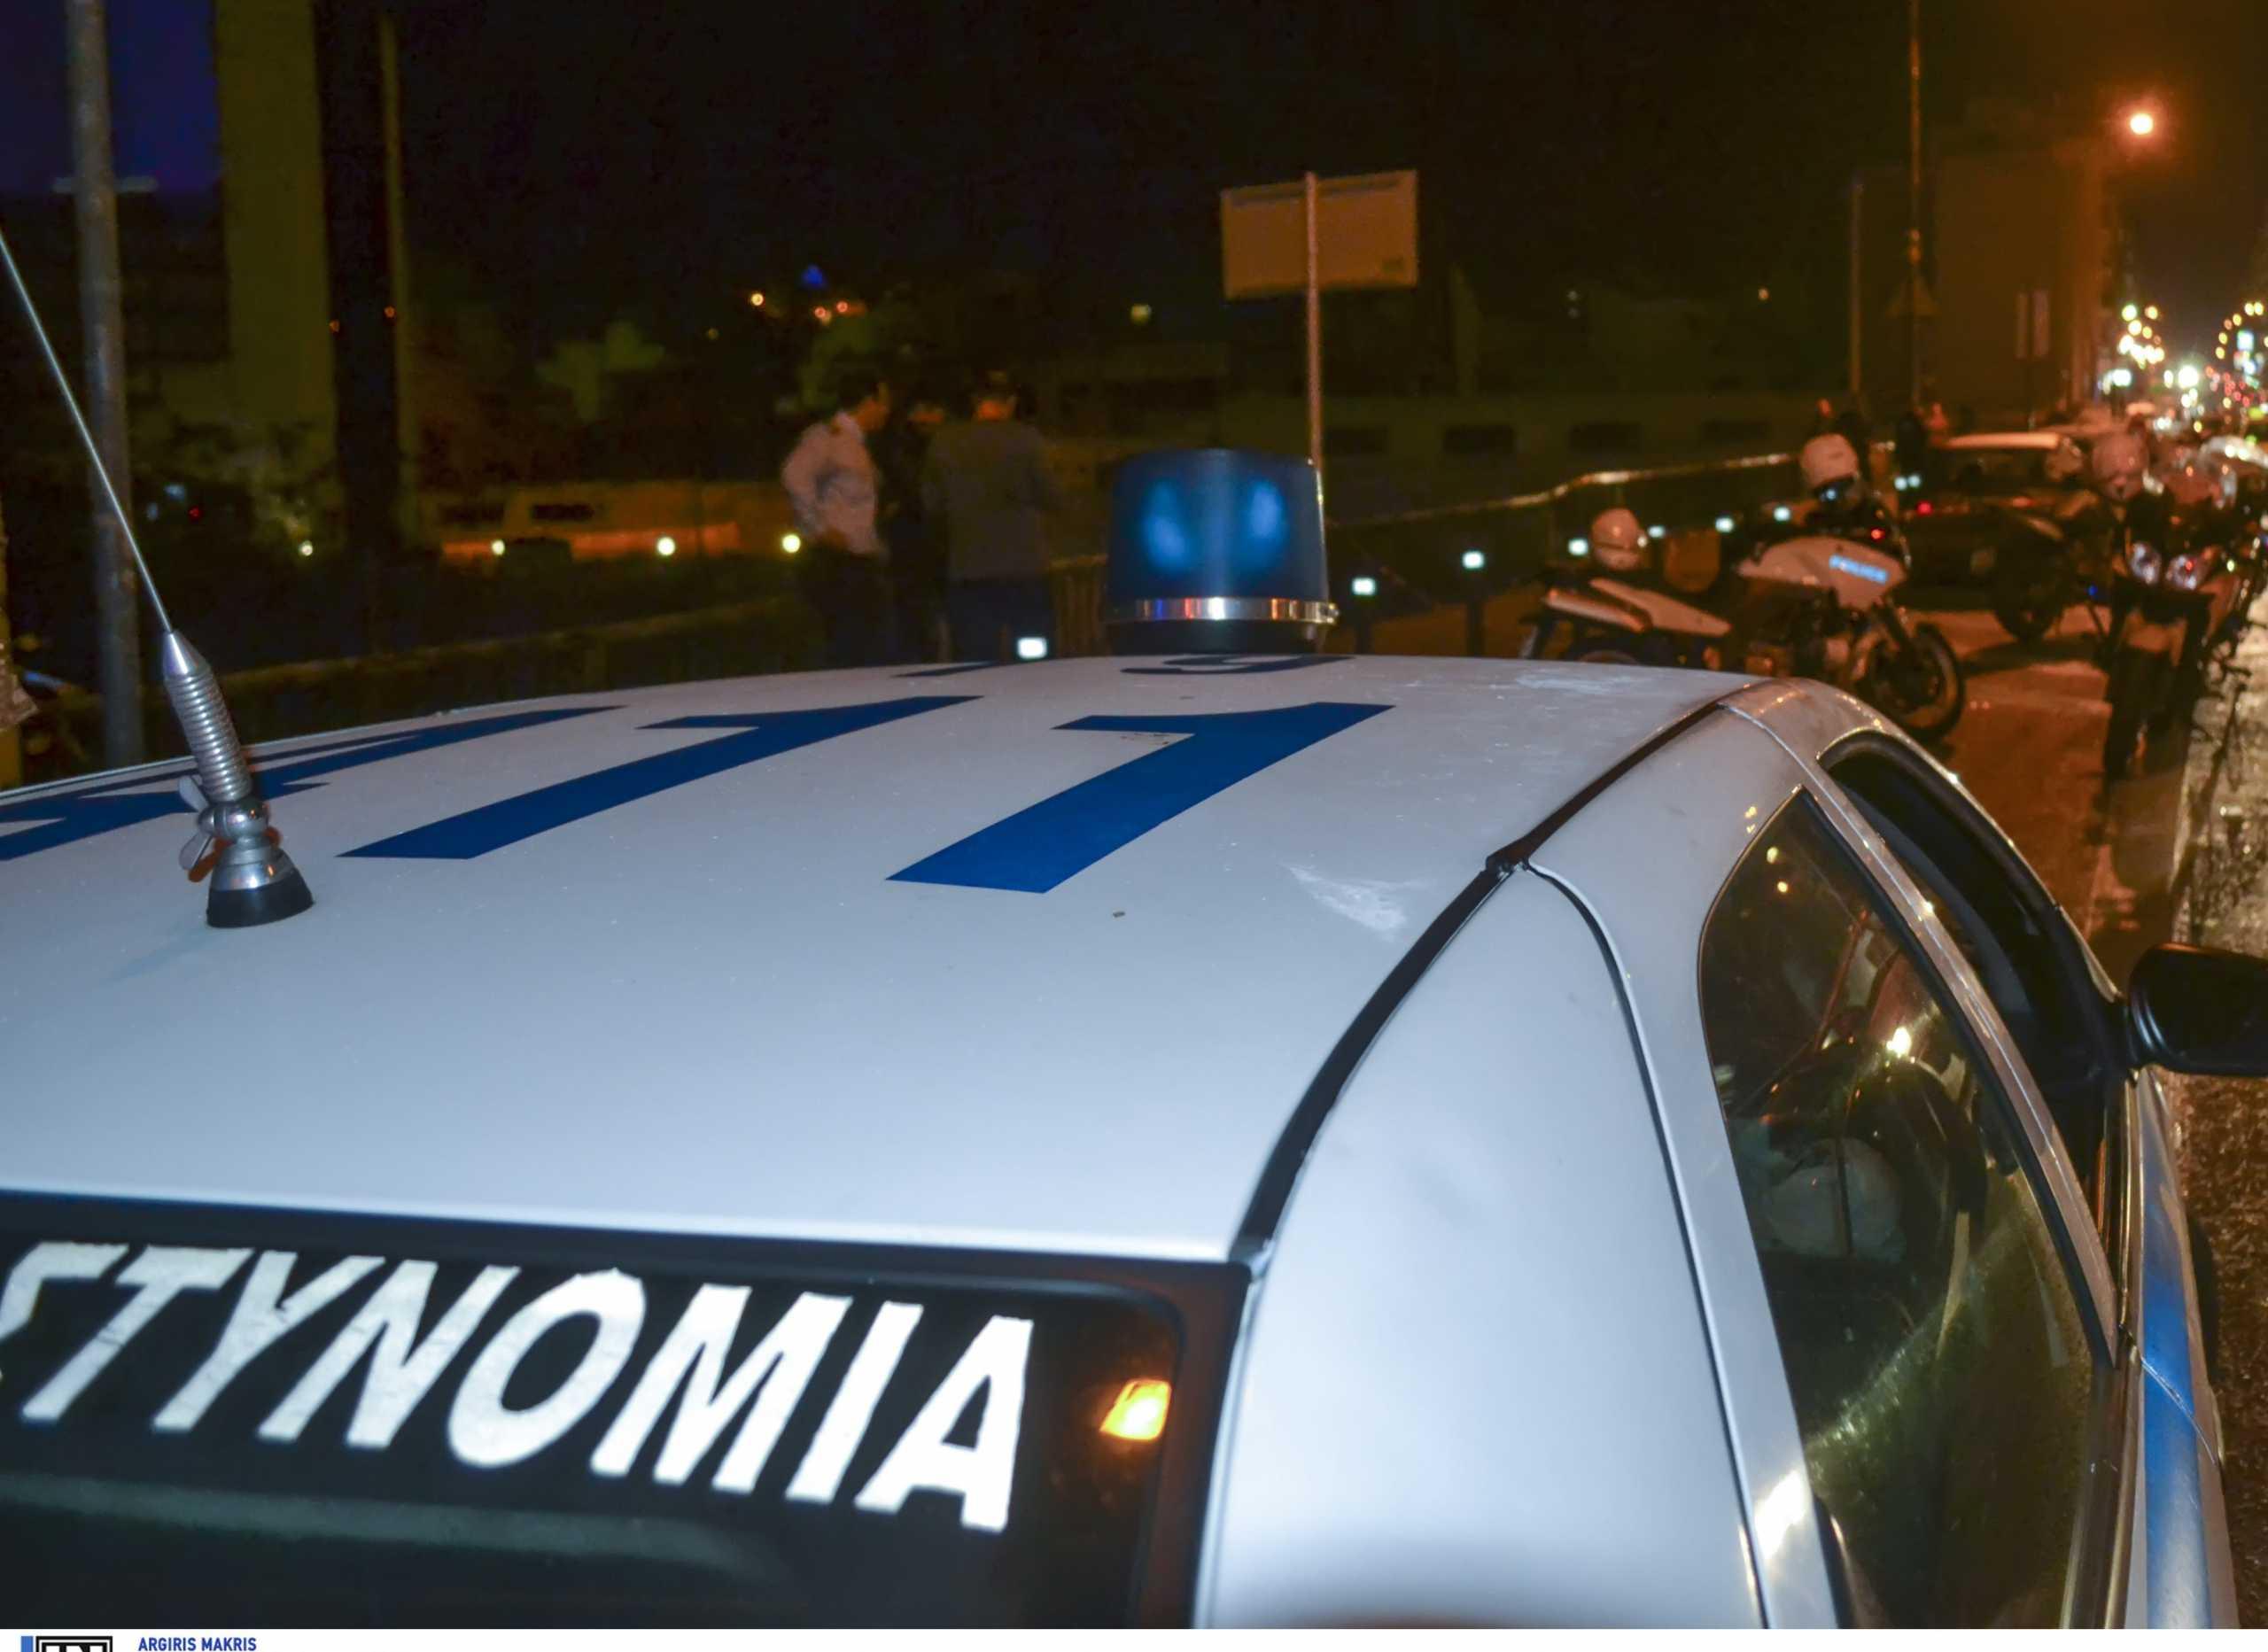 Συναγερμός στην Σπερχειάδα! Άγνωστος πυροβόλησε 8 φορές κοντά στο Γηροκομείο